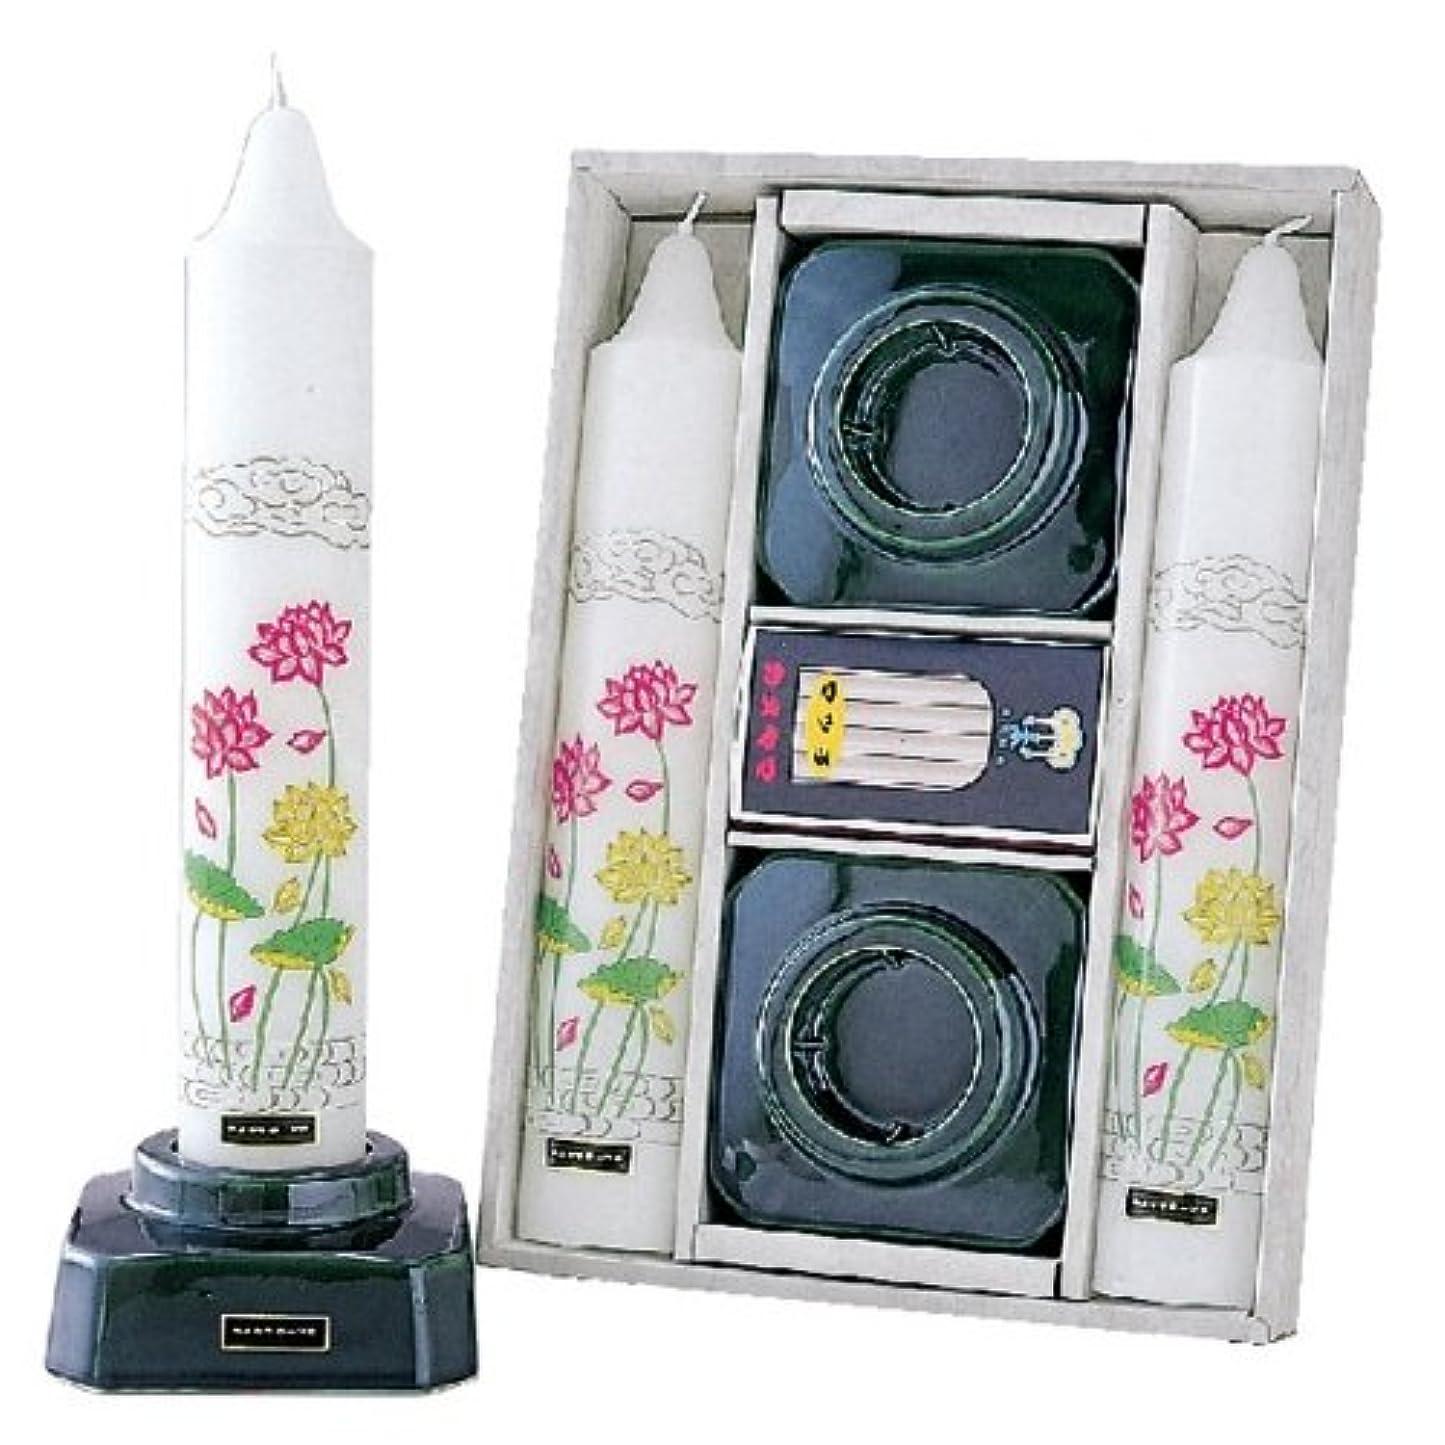 緩やかな箱変位カメヤマ 160番 蓮花セット